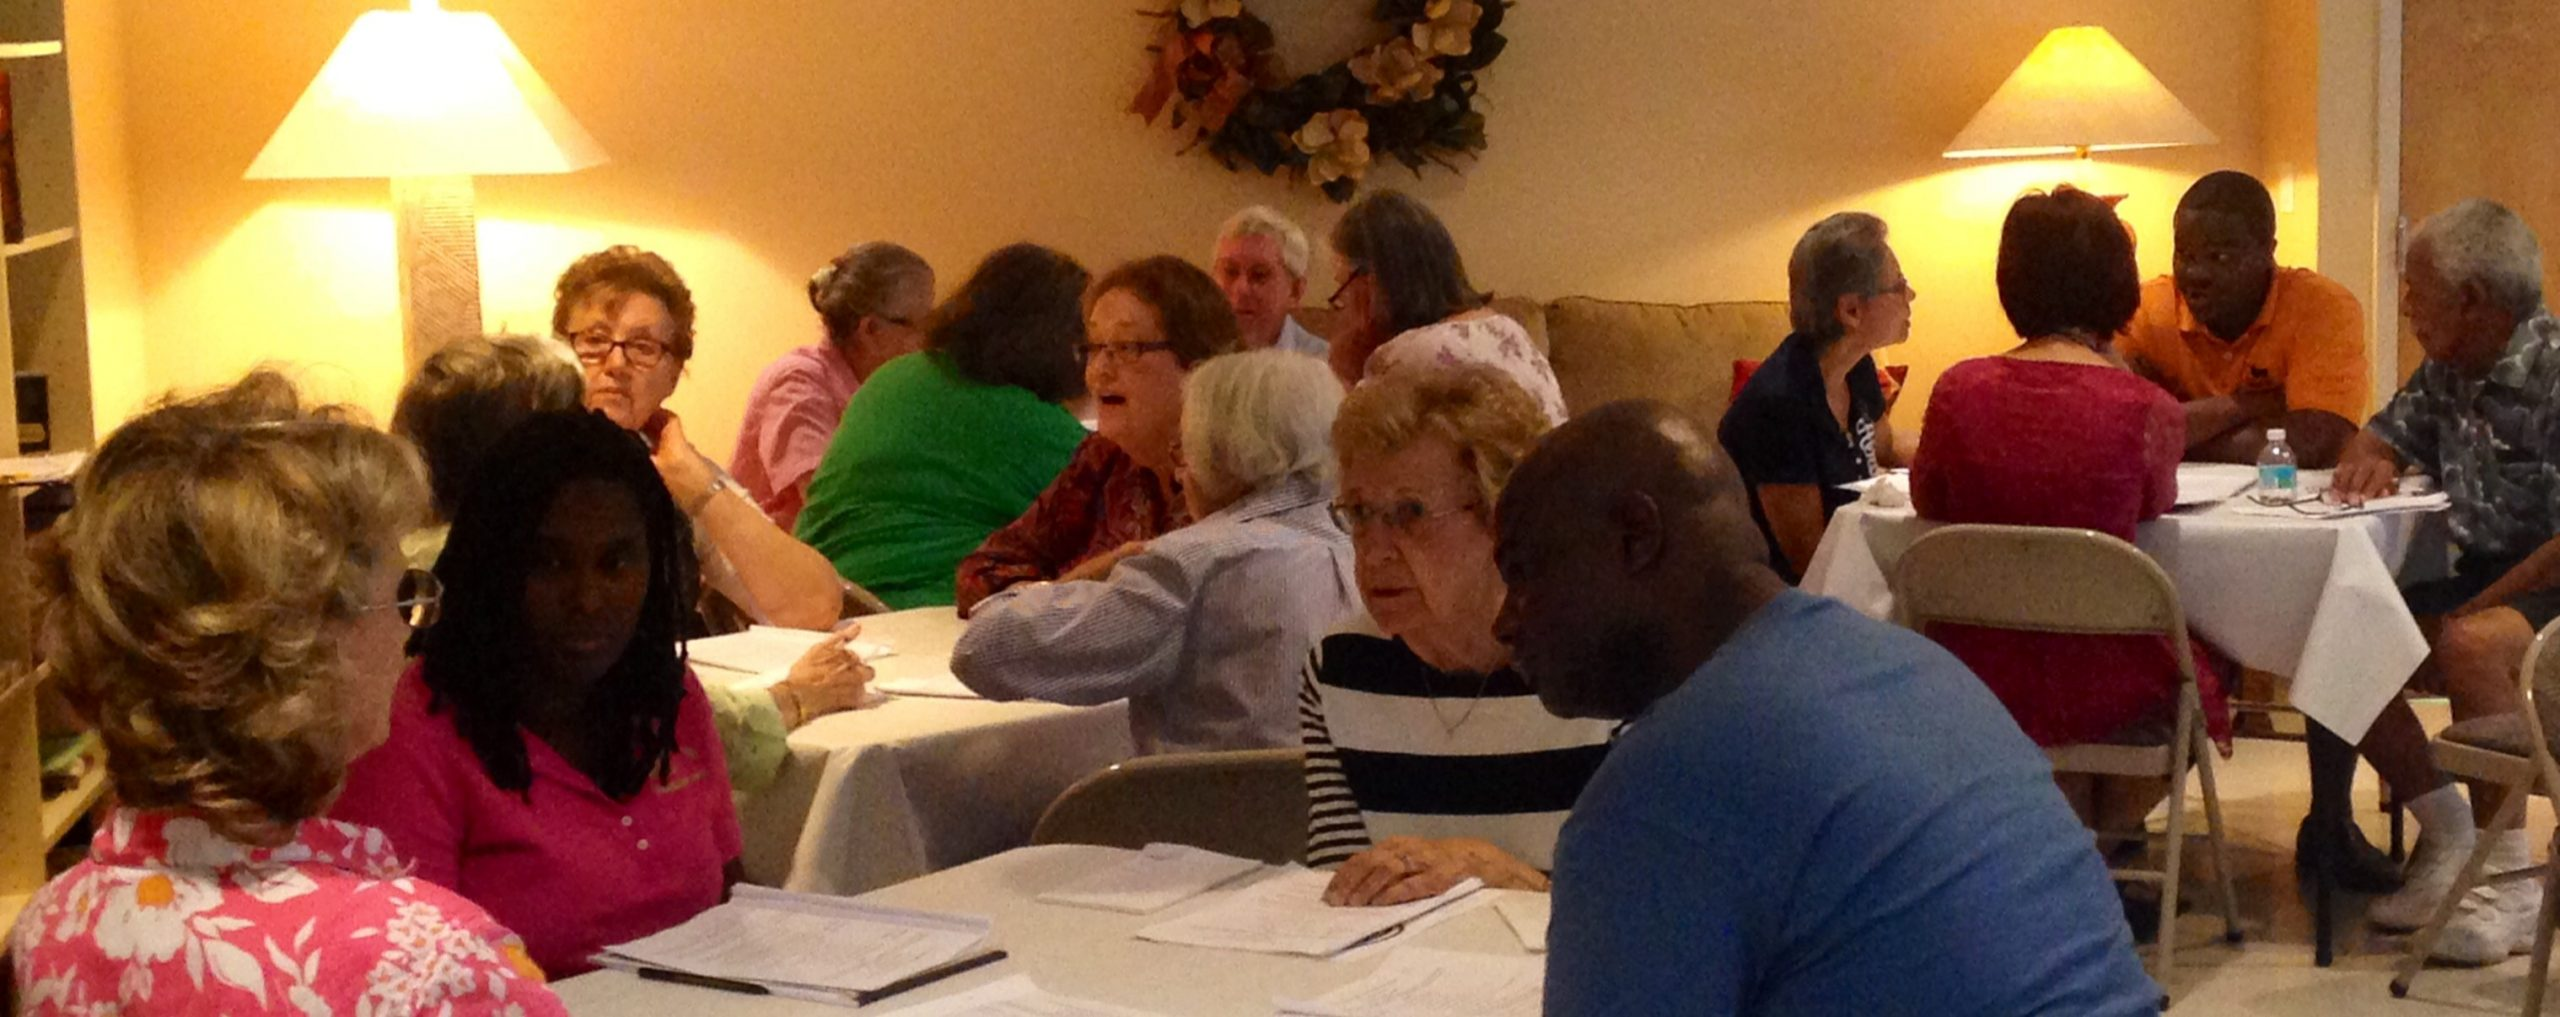 Table conversation, Union Congregational UCC